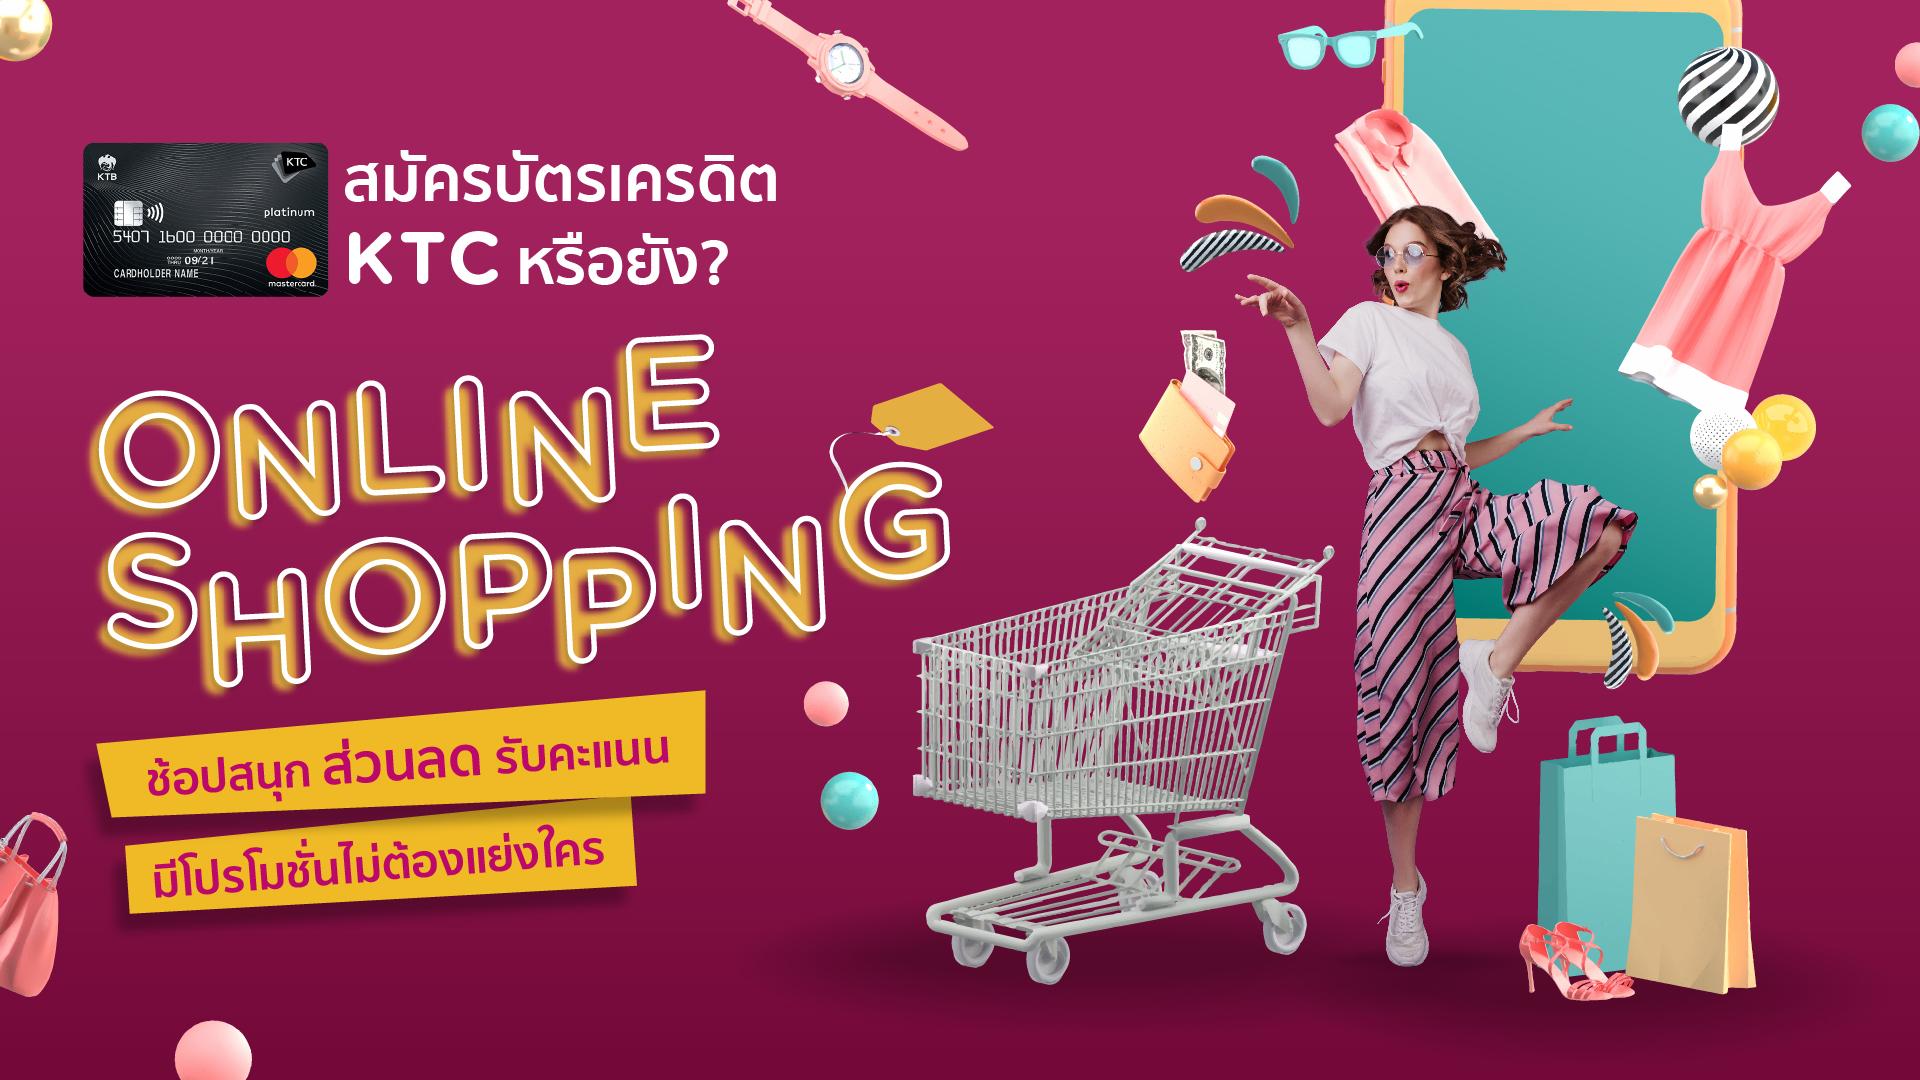 เช็คลิสต์ไม่ลับสำหรับนักช้อปออนไลน์ | The Art of Online Shopping